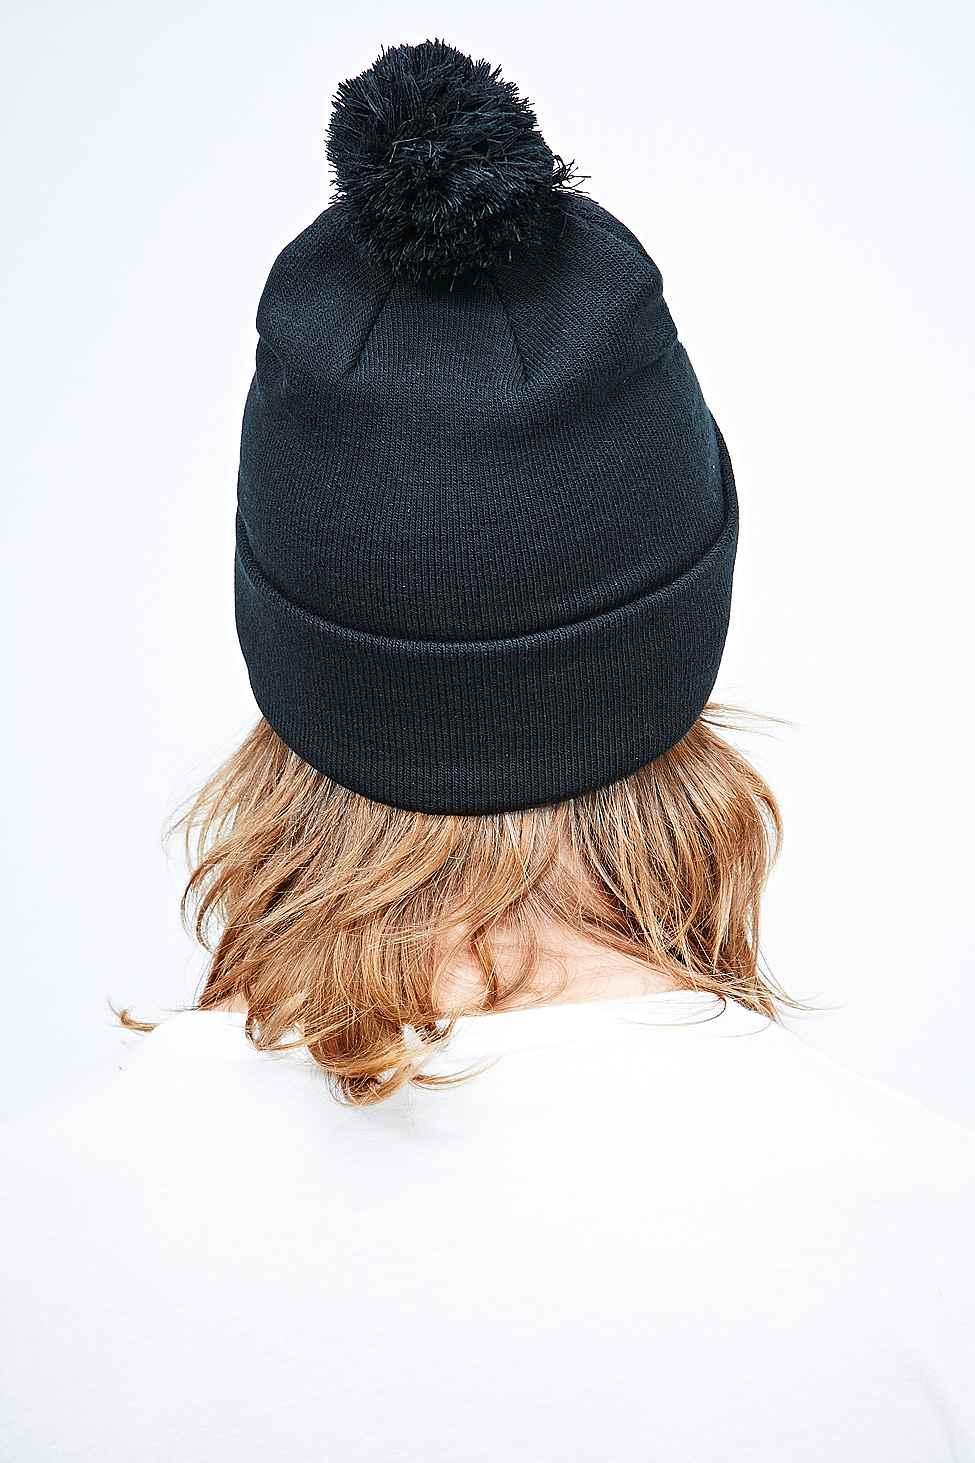 ... buy cheap Stussy 8 Ball Bobble Hat in Black for Men - Lyst 545e8 b40e5  ... f6f355917652